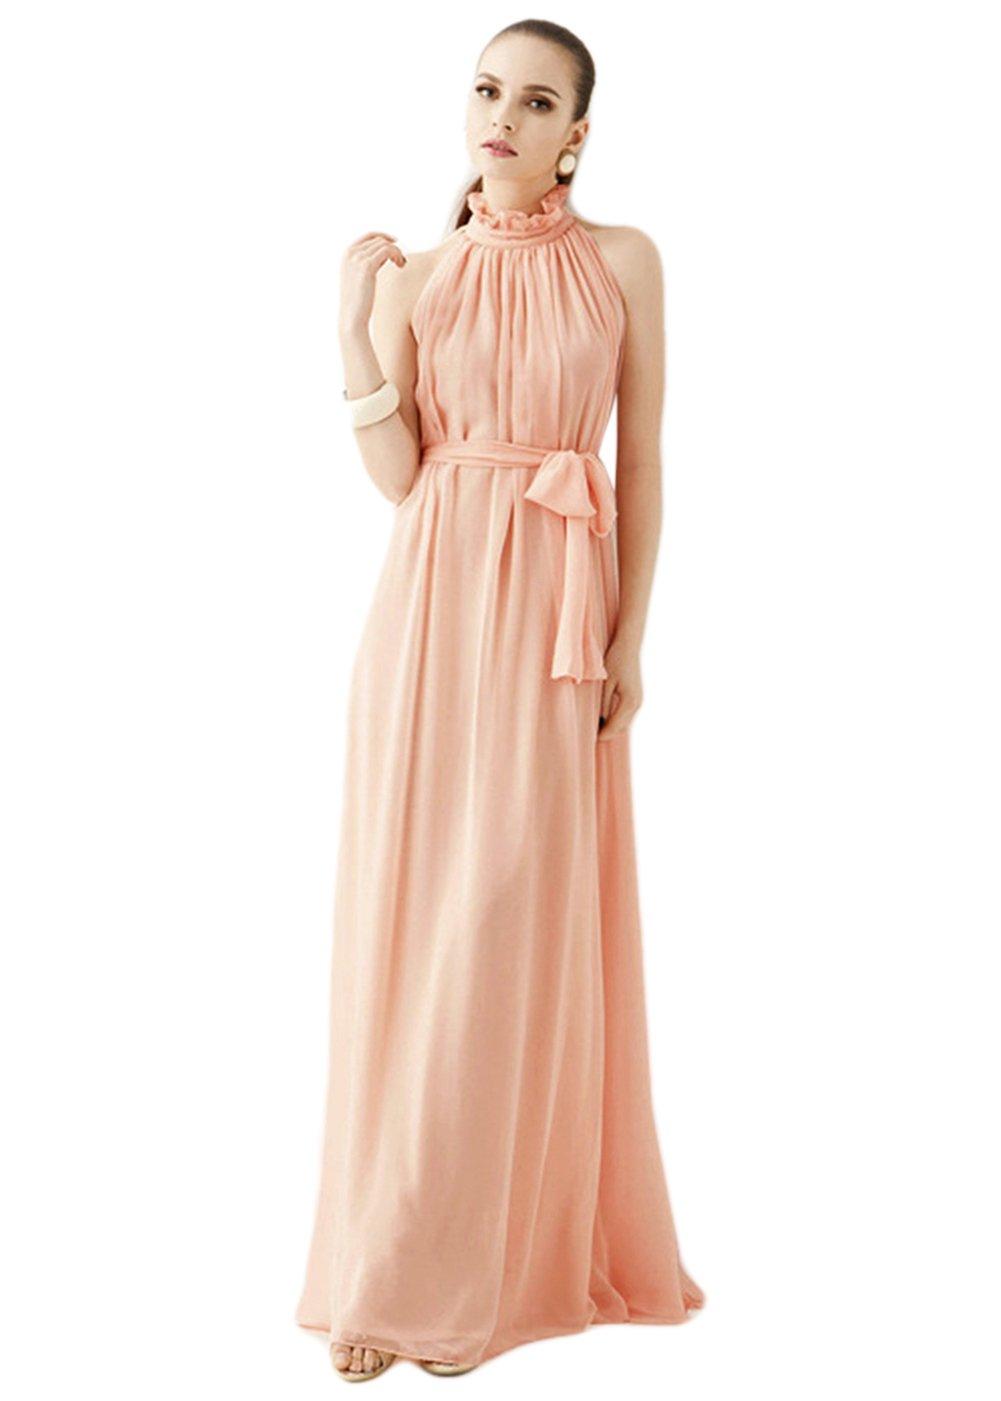 女性削肩立领连衣裙墨绿色/粉色